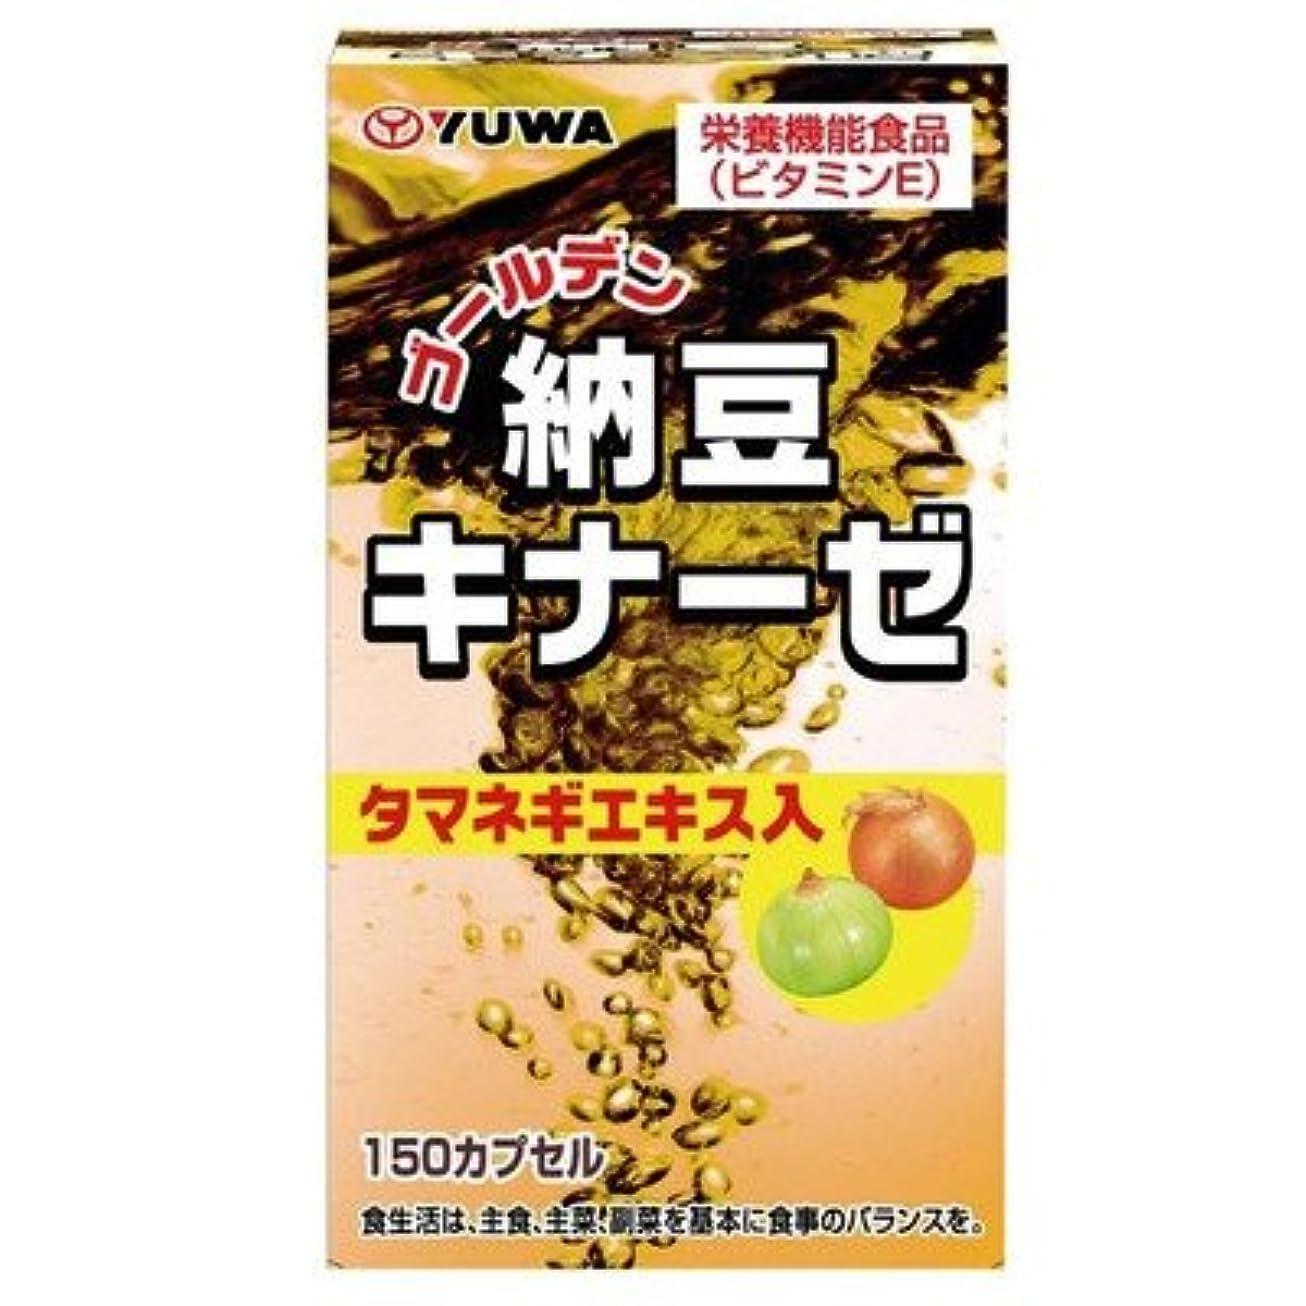 乳白憎しみクレアユーワ ゴールデン納豆キナーゼ タマネギエキス入 63g(420mg×150粒) 1627